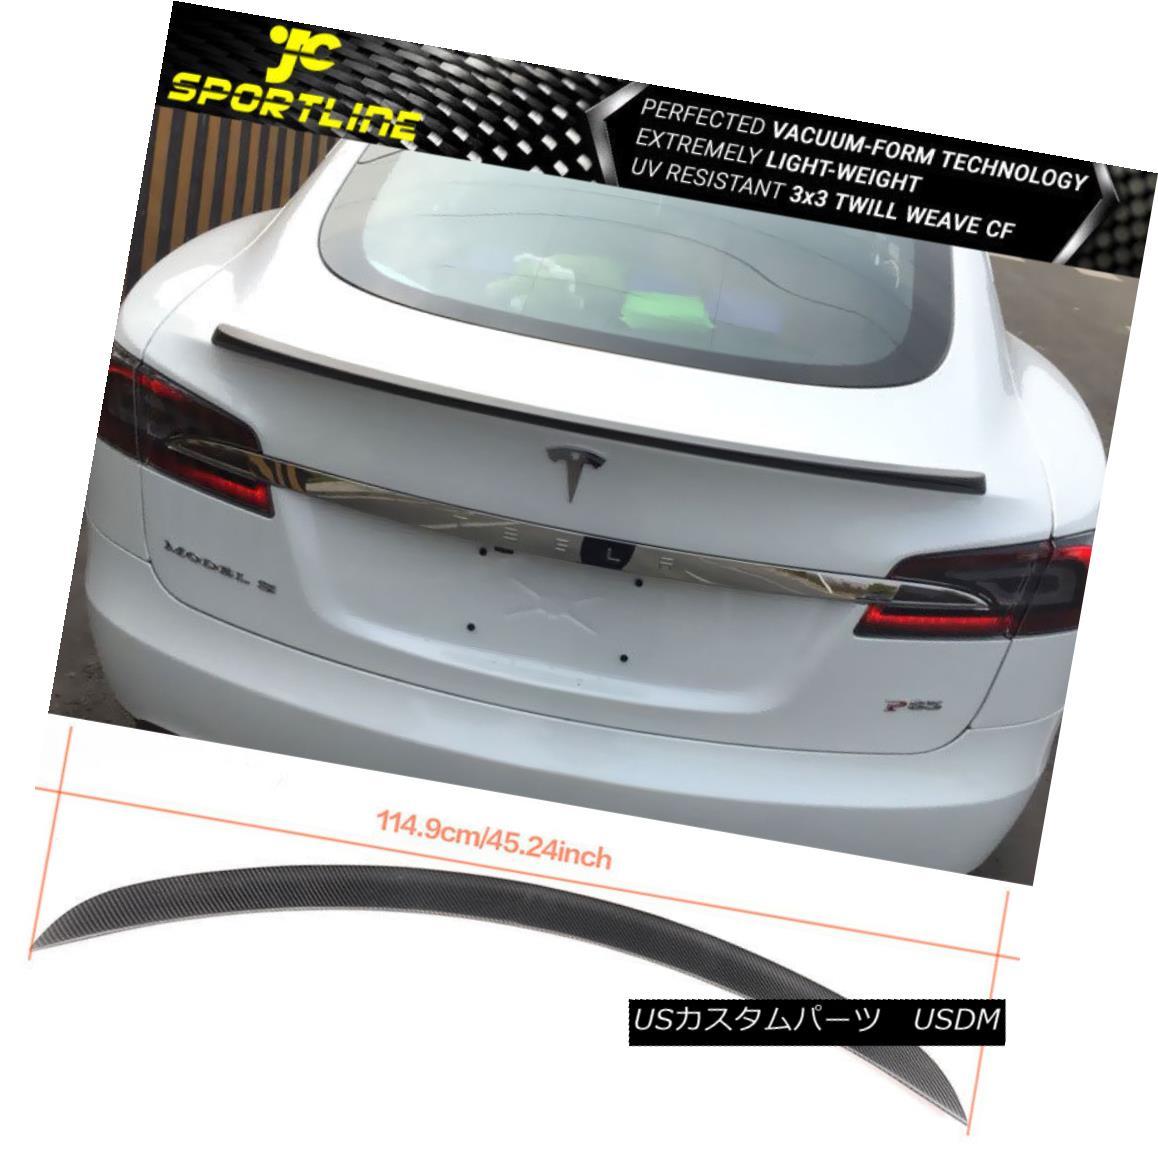 エアロパーツ Fits 12-17 Tesla Model S OE Factory Style Trunk Spoiler Full Matte Carbon Fiber 12-17 Tesla Model S OE工場スタイルのトランク・スポイラーフル・マット・カーボン・ファイバーに適合